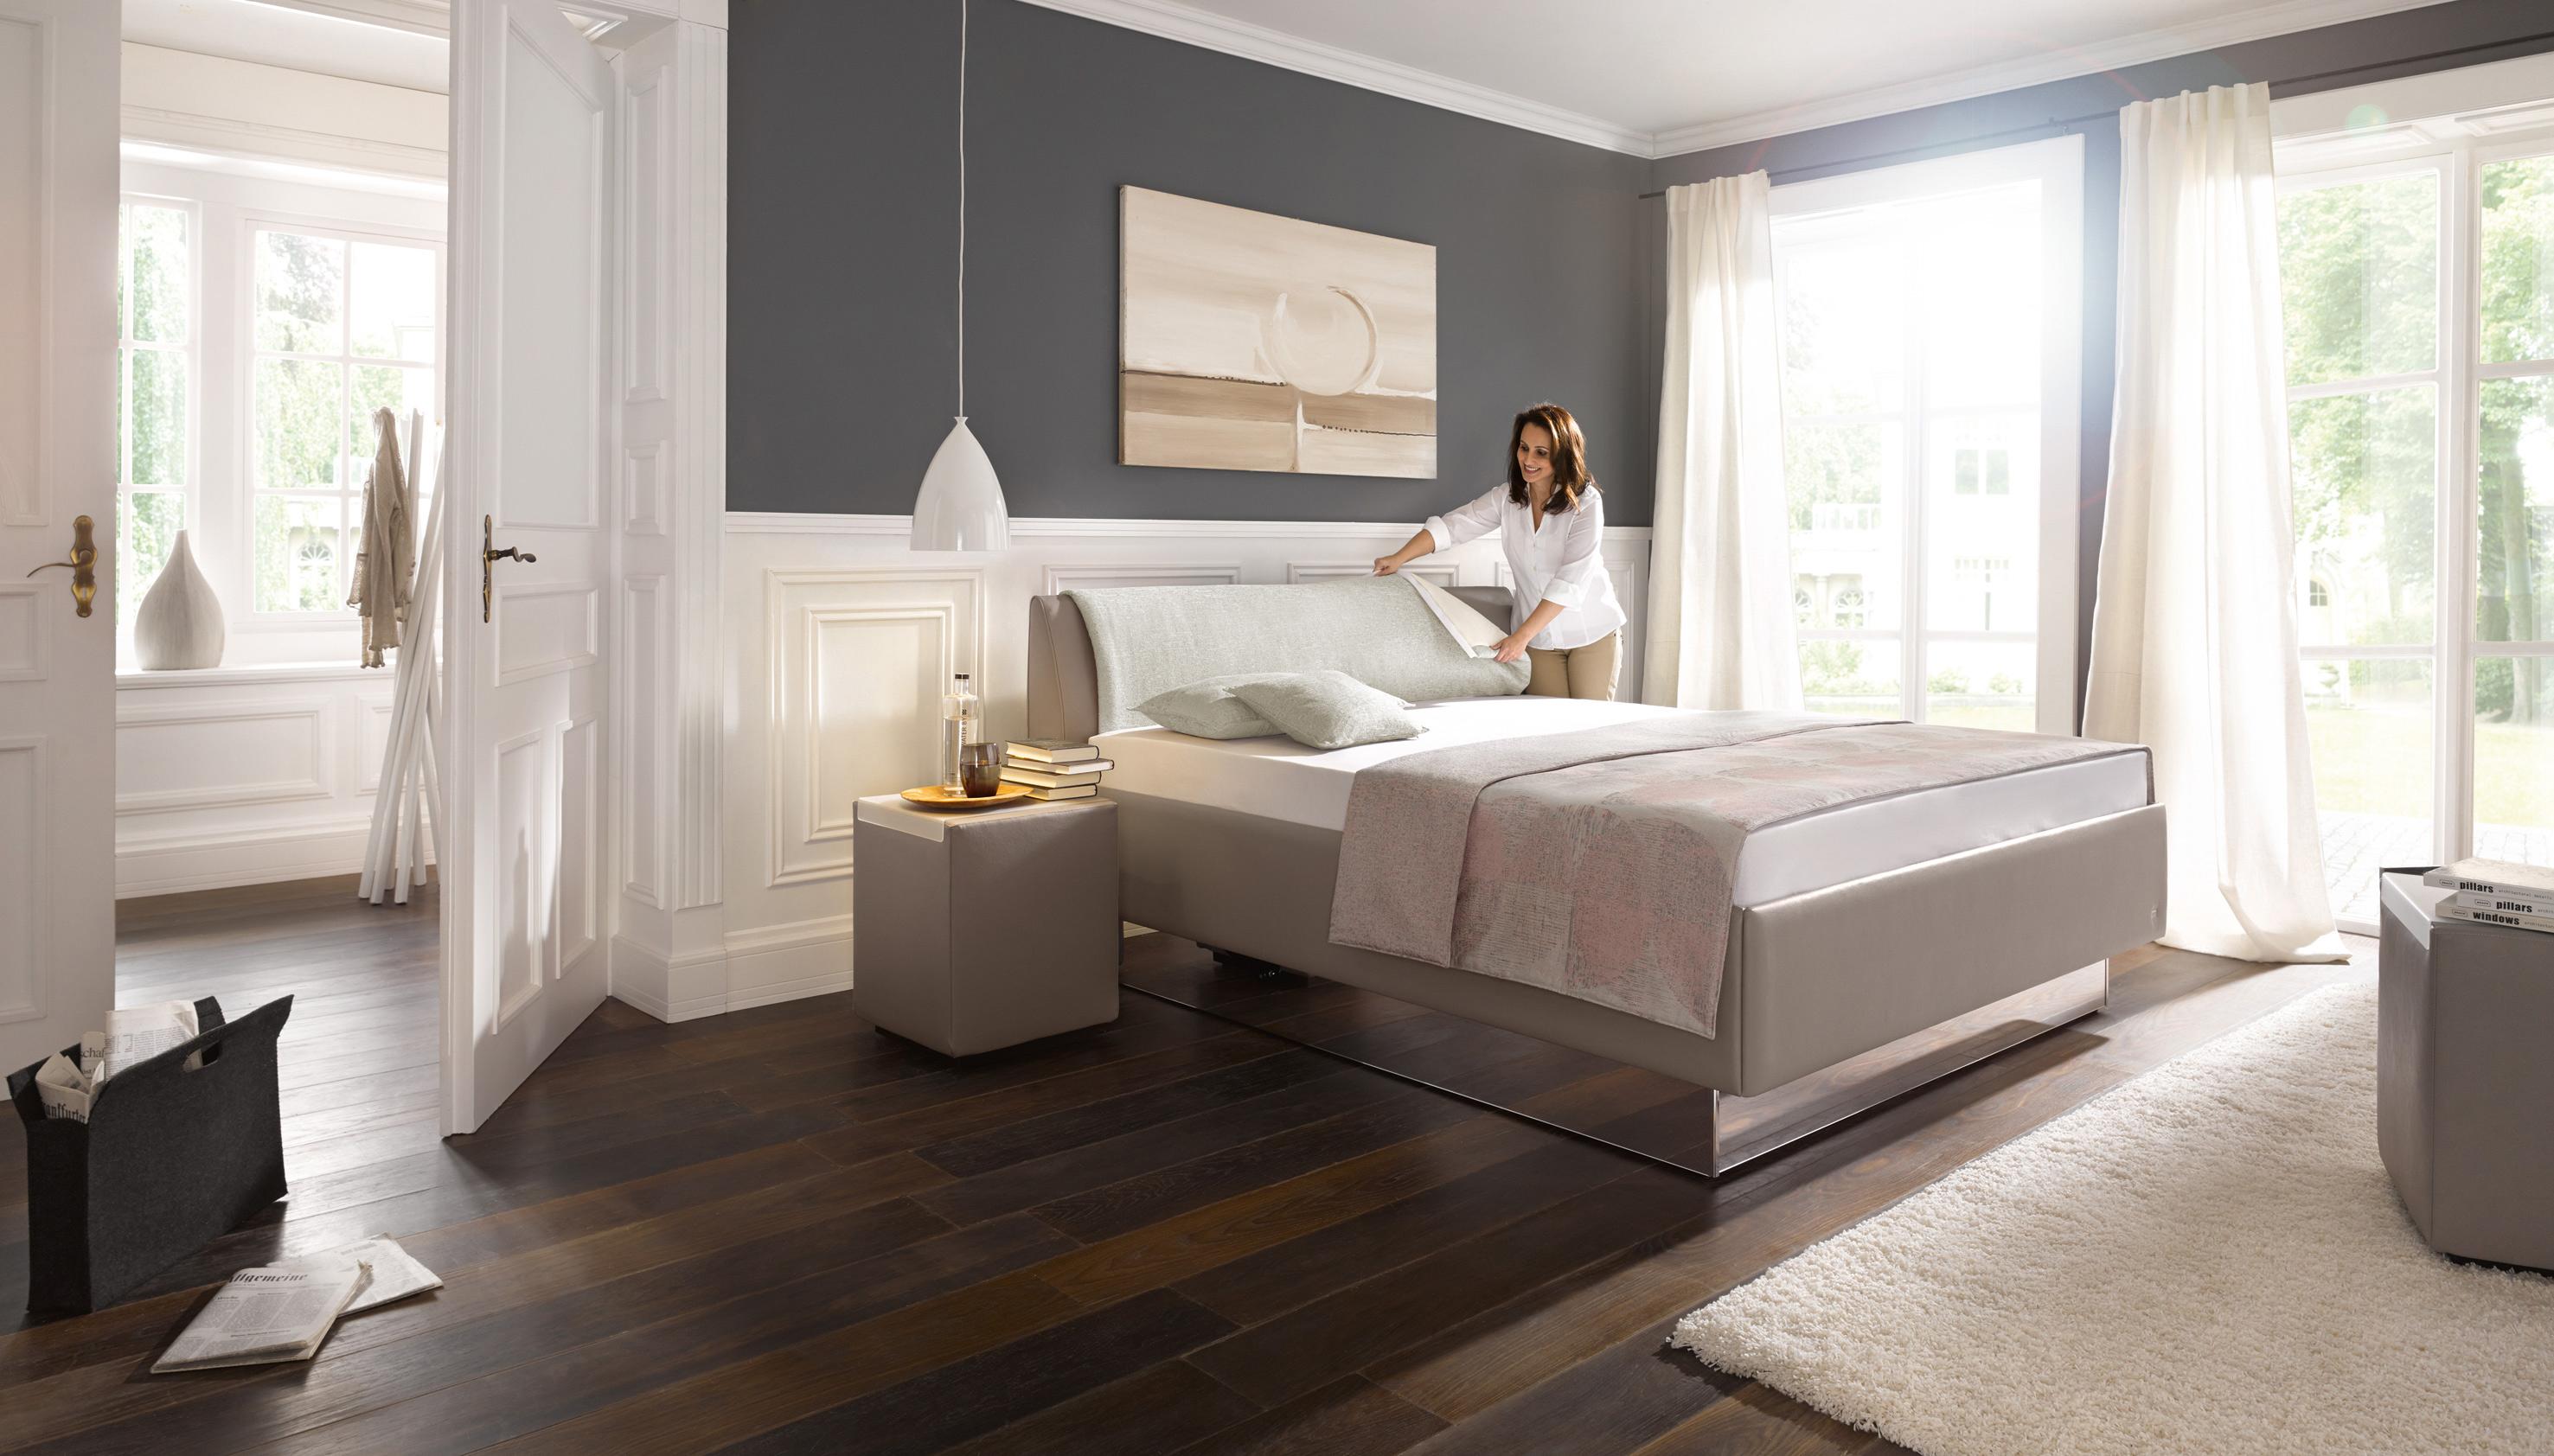 polsterbett composium von ruf betten in silber m bel letz. Black Bedroom Furniture Sets. Home Design Ideas